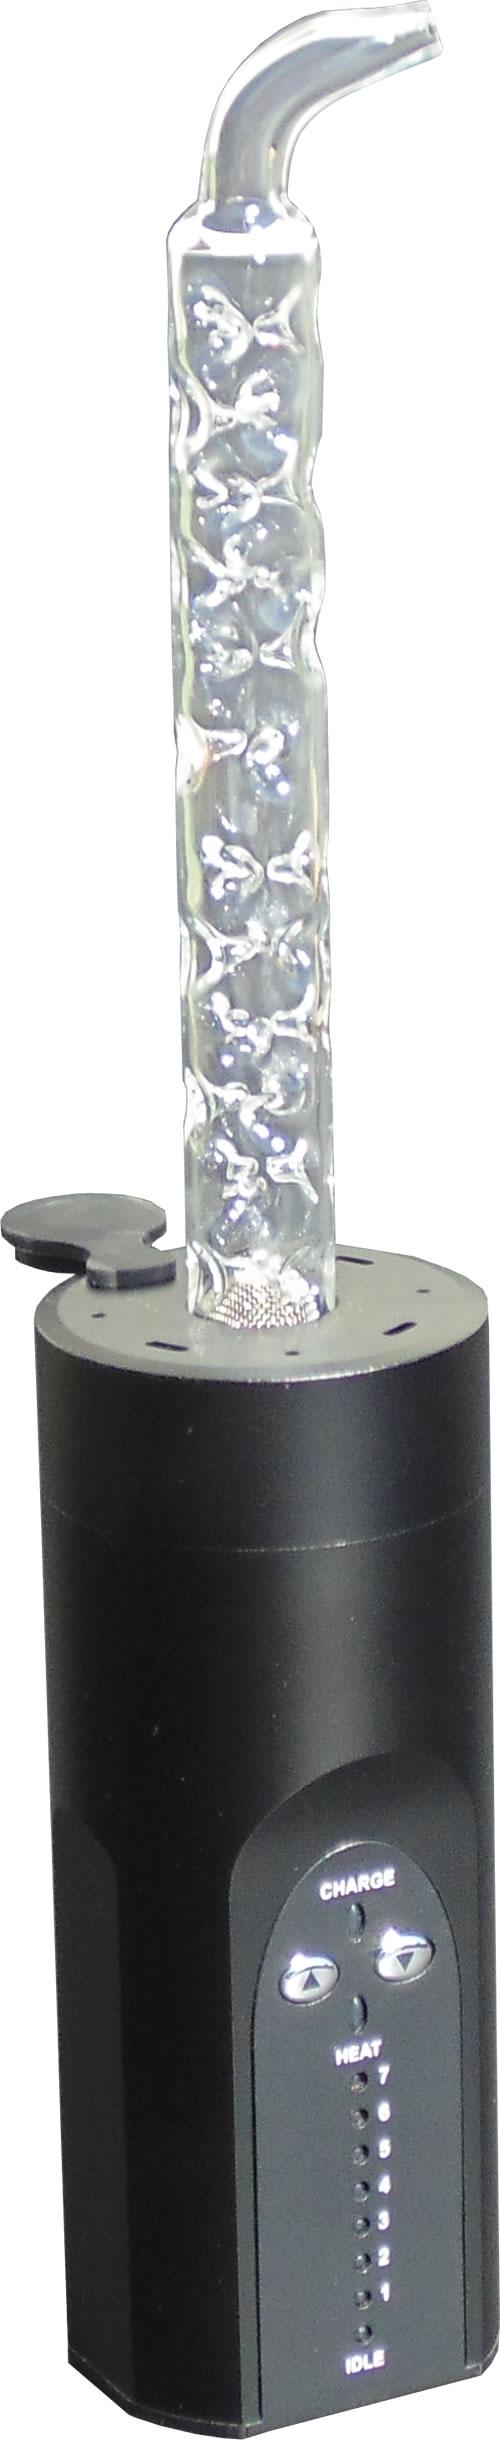 3D Flow Booster Atomic installé dans le vaporisateur Arizer Solo